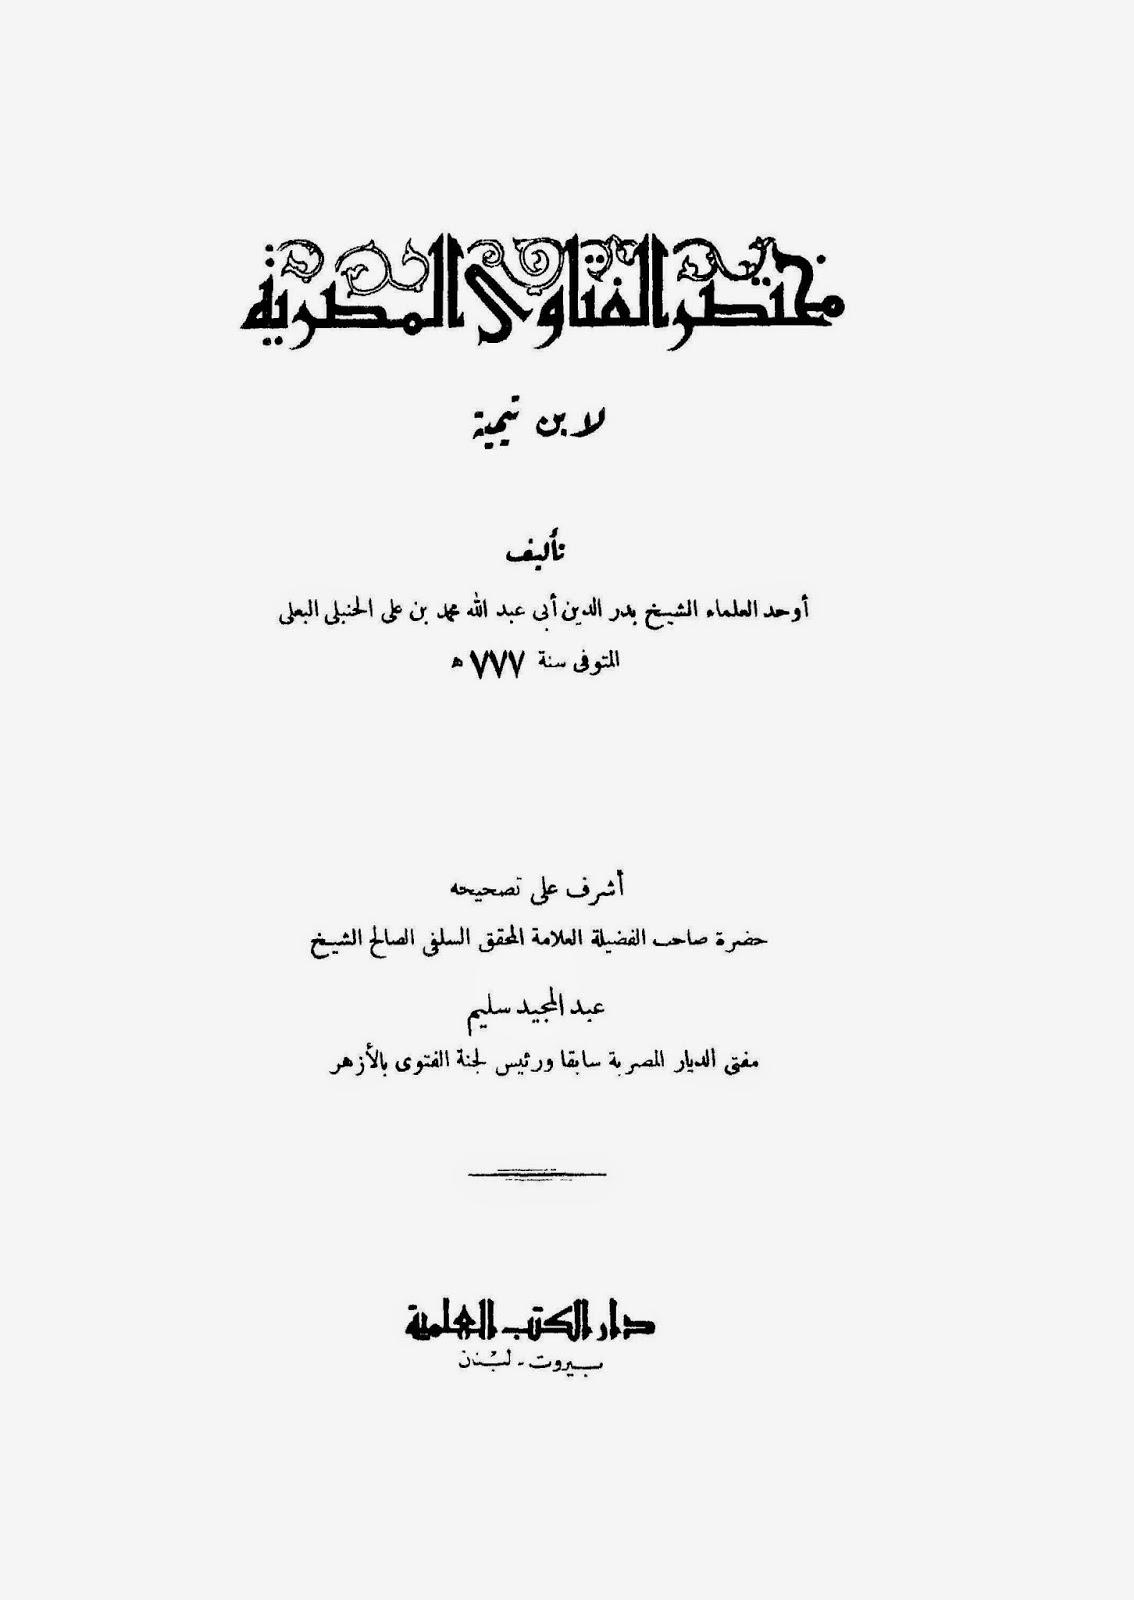 مختصر الفتاوى المصرية لابن تيمية